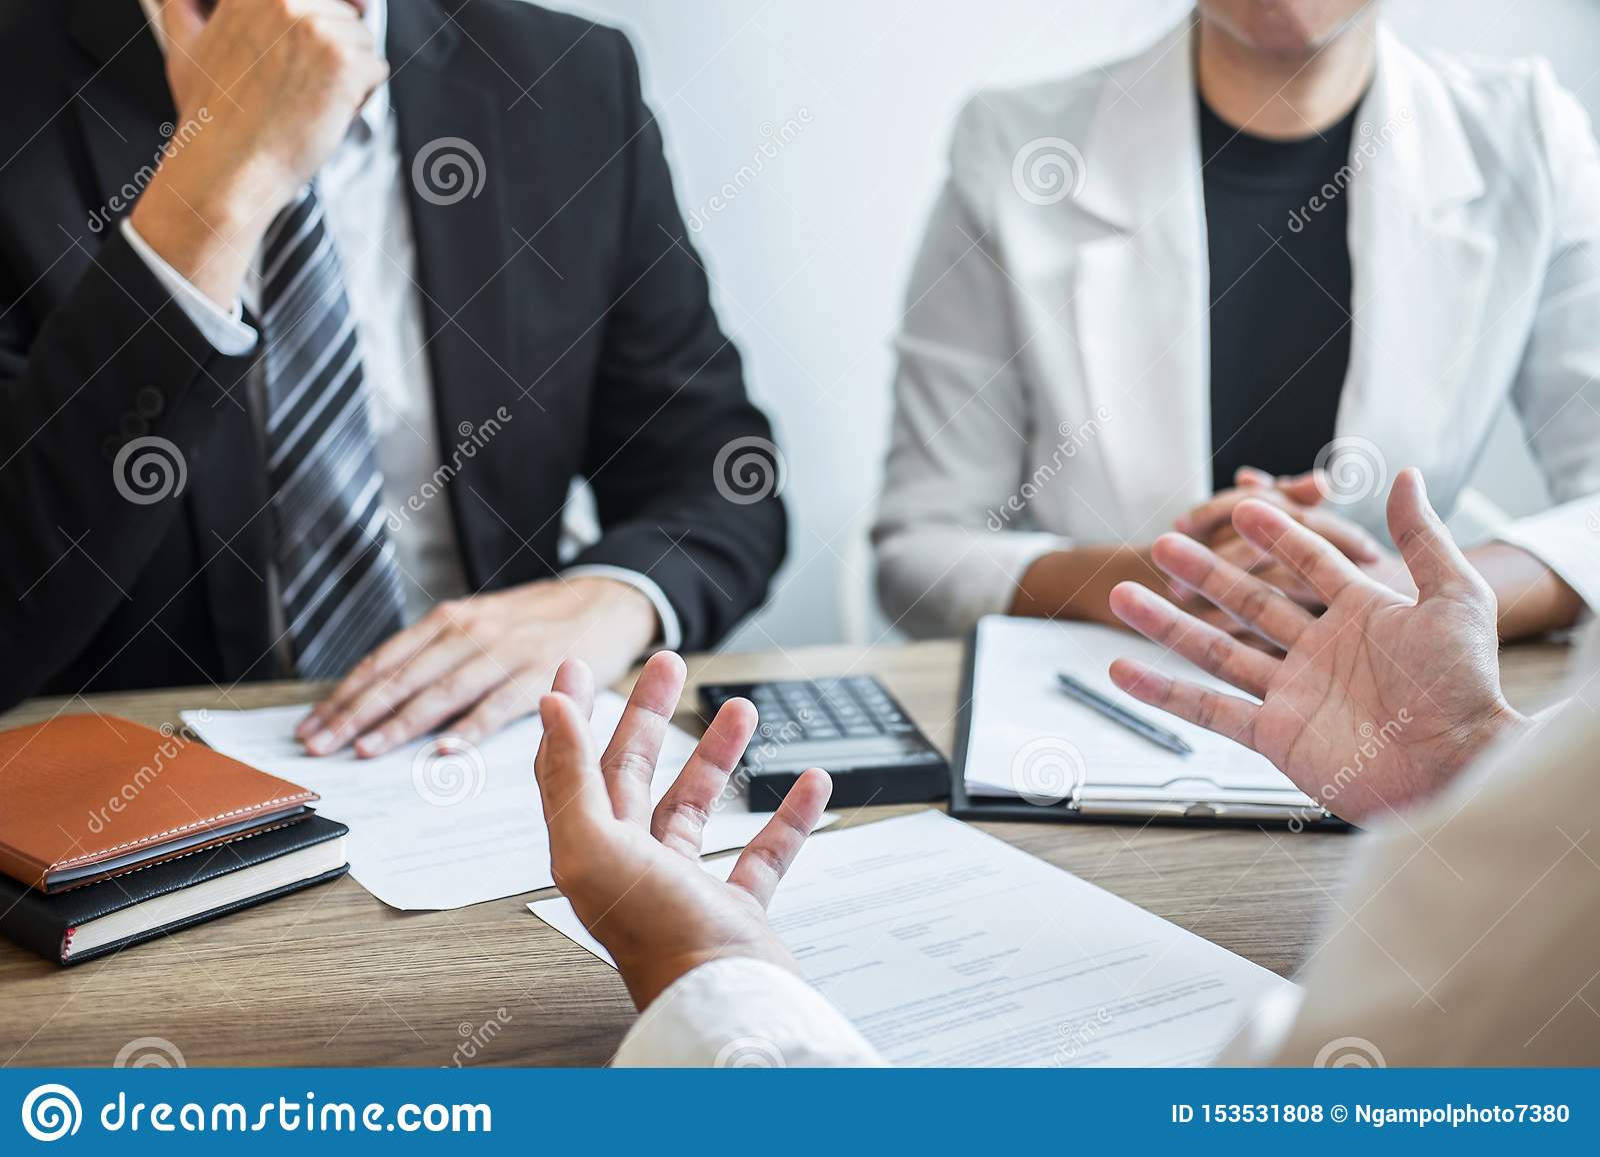 Η εκμετάλλευση εργοδοτών ή recruiter που διαβάζει μια περίληψη με την ομιλία κατά τη διάρκεια για το σχεδιάγραμμα υποψηφίου του,